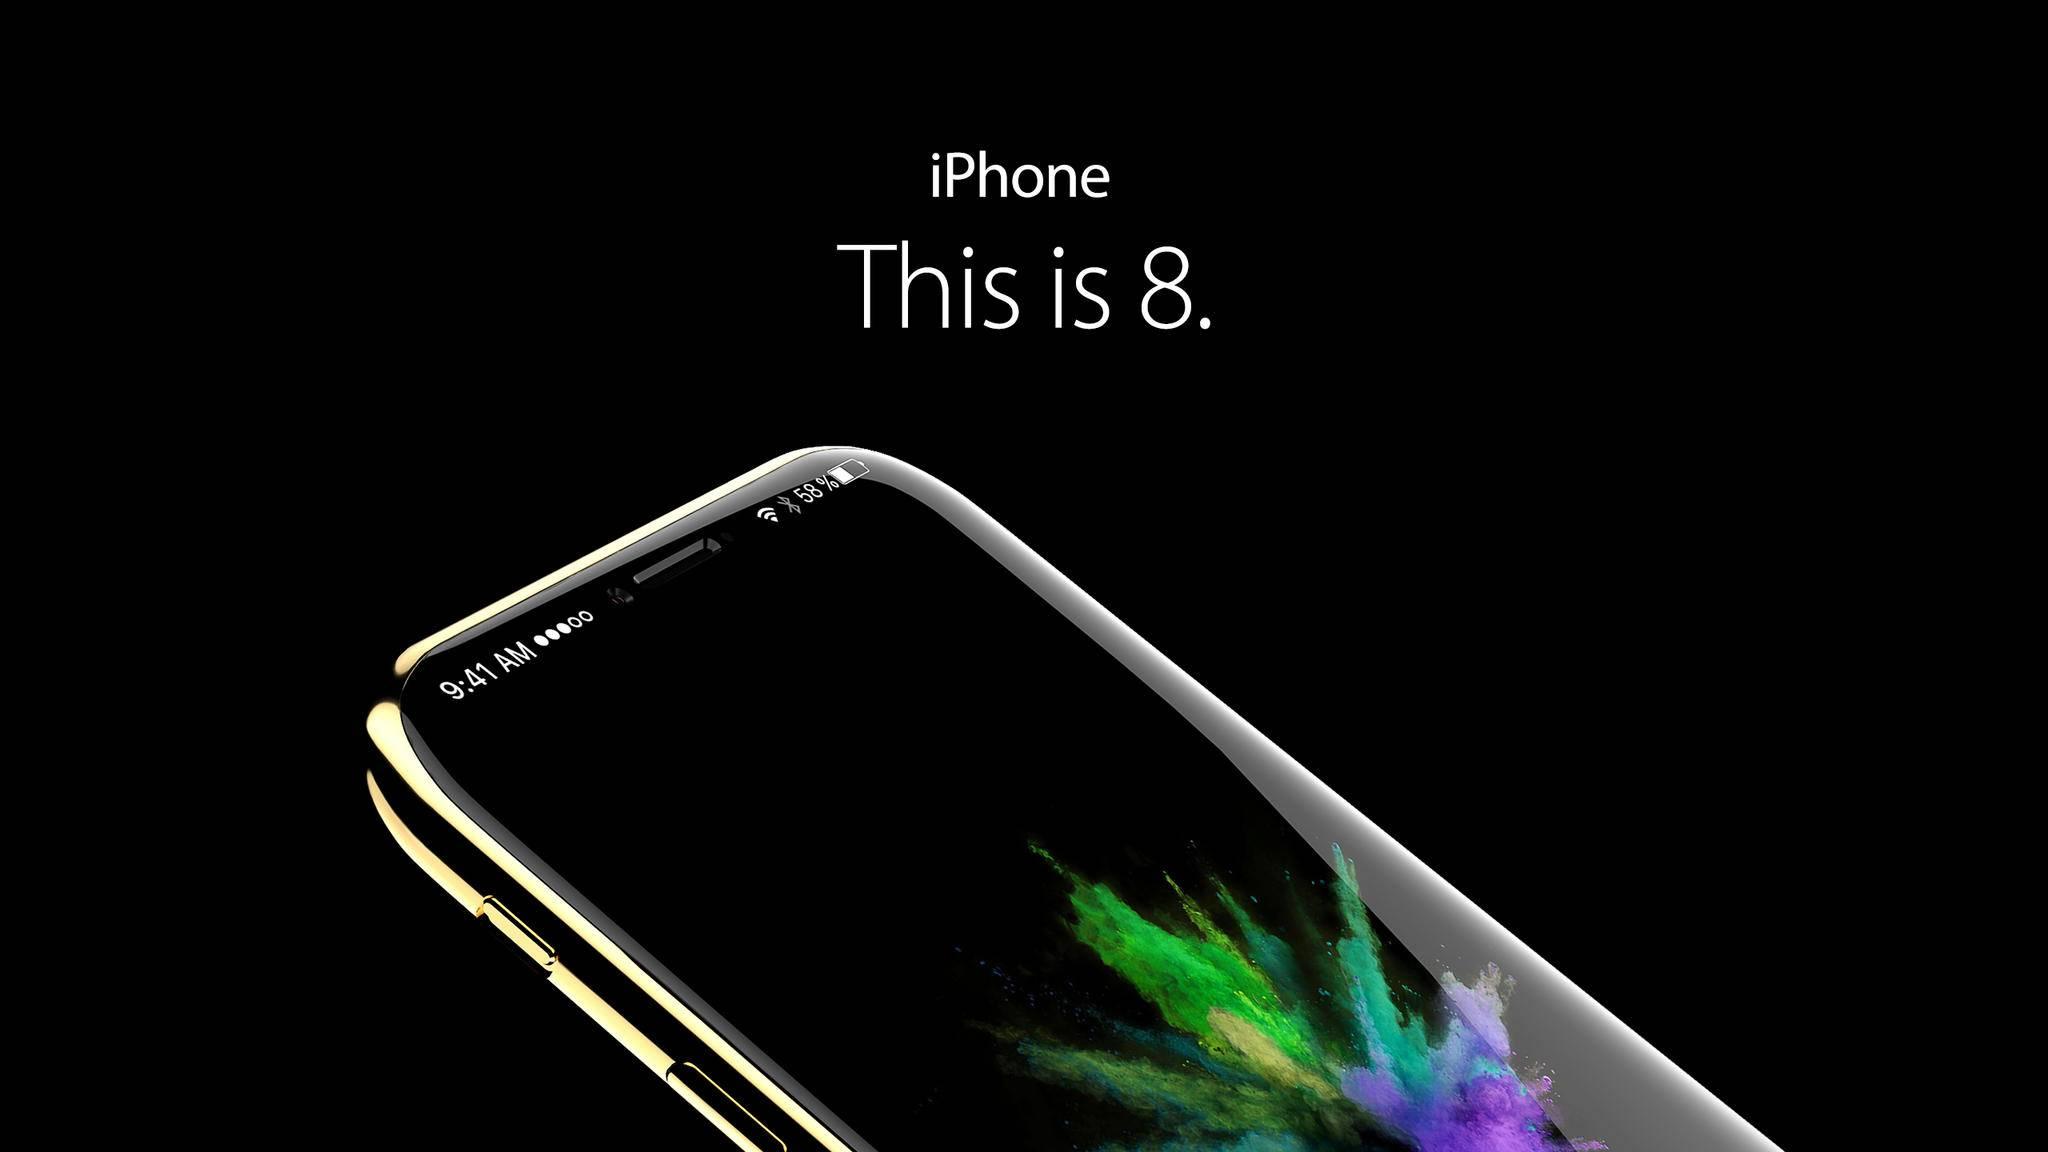 Das iPhone 8 könnte Touch ID durch neue biometrische Sensoren ersetzen.